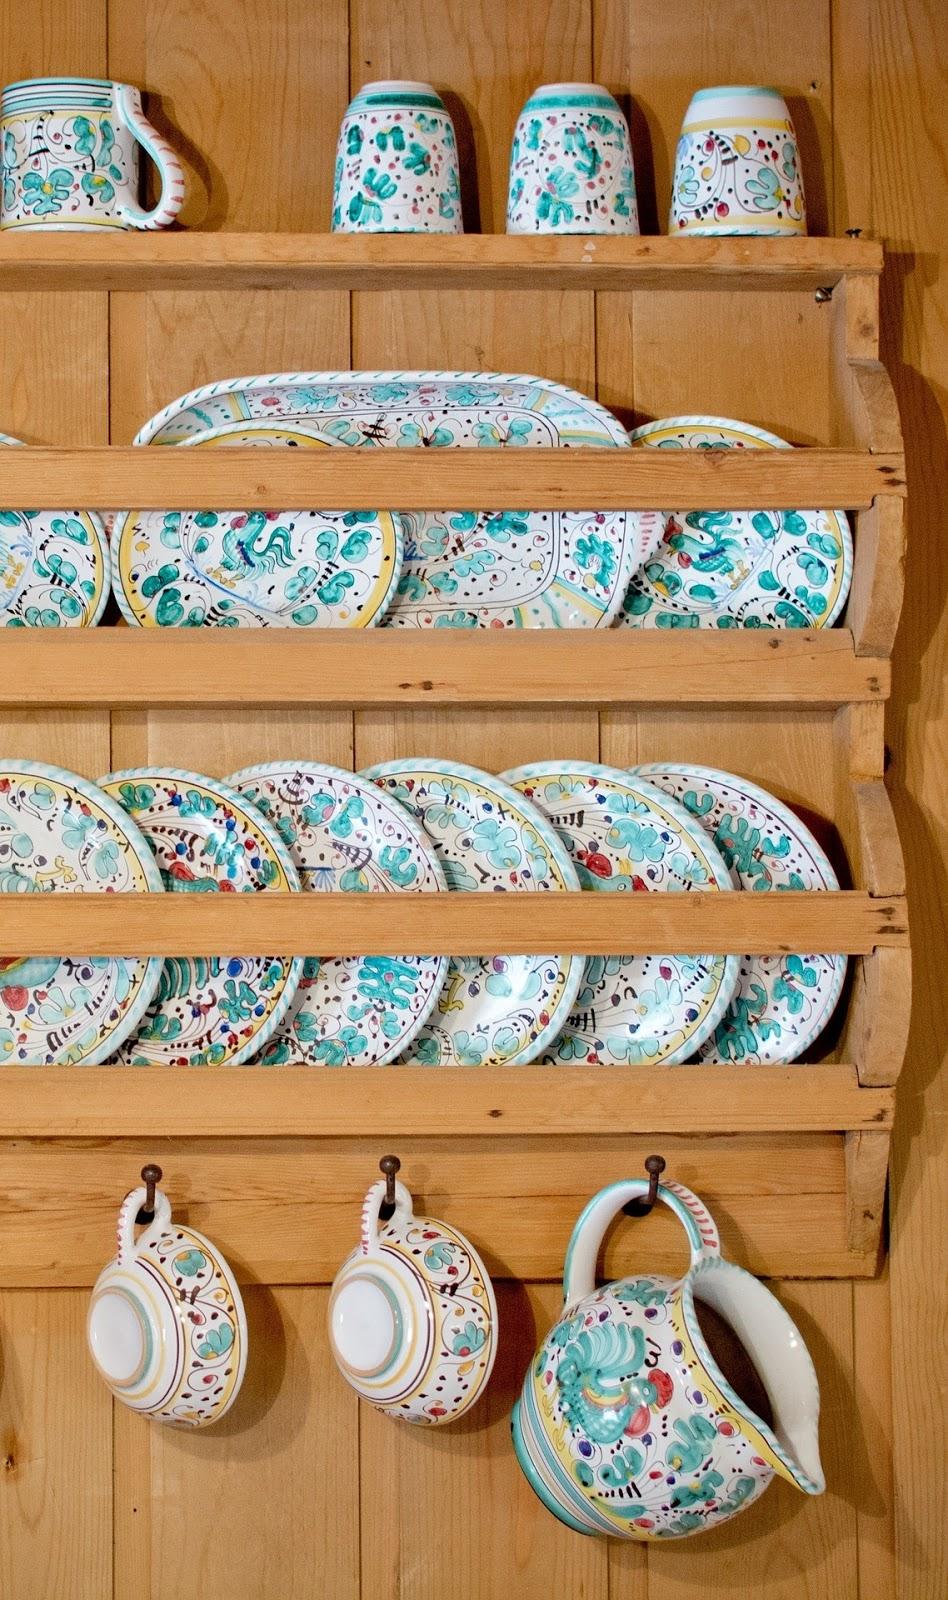 Dish shelf.